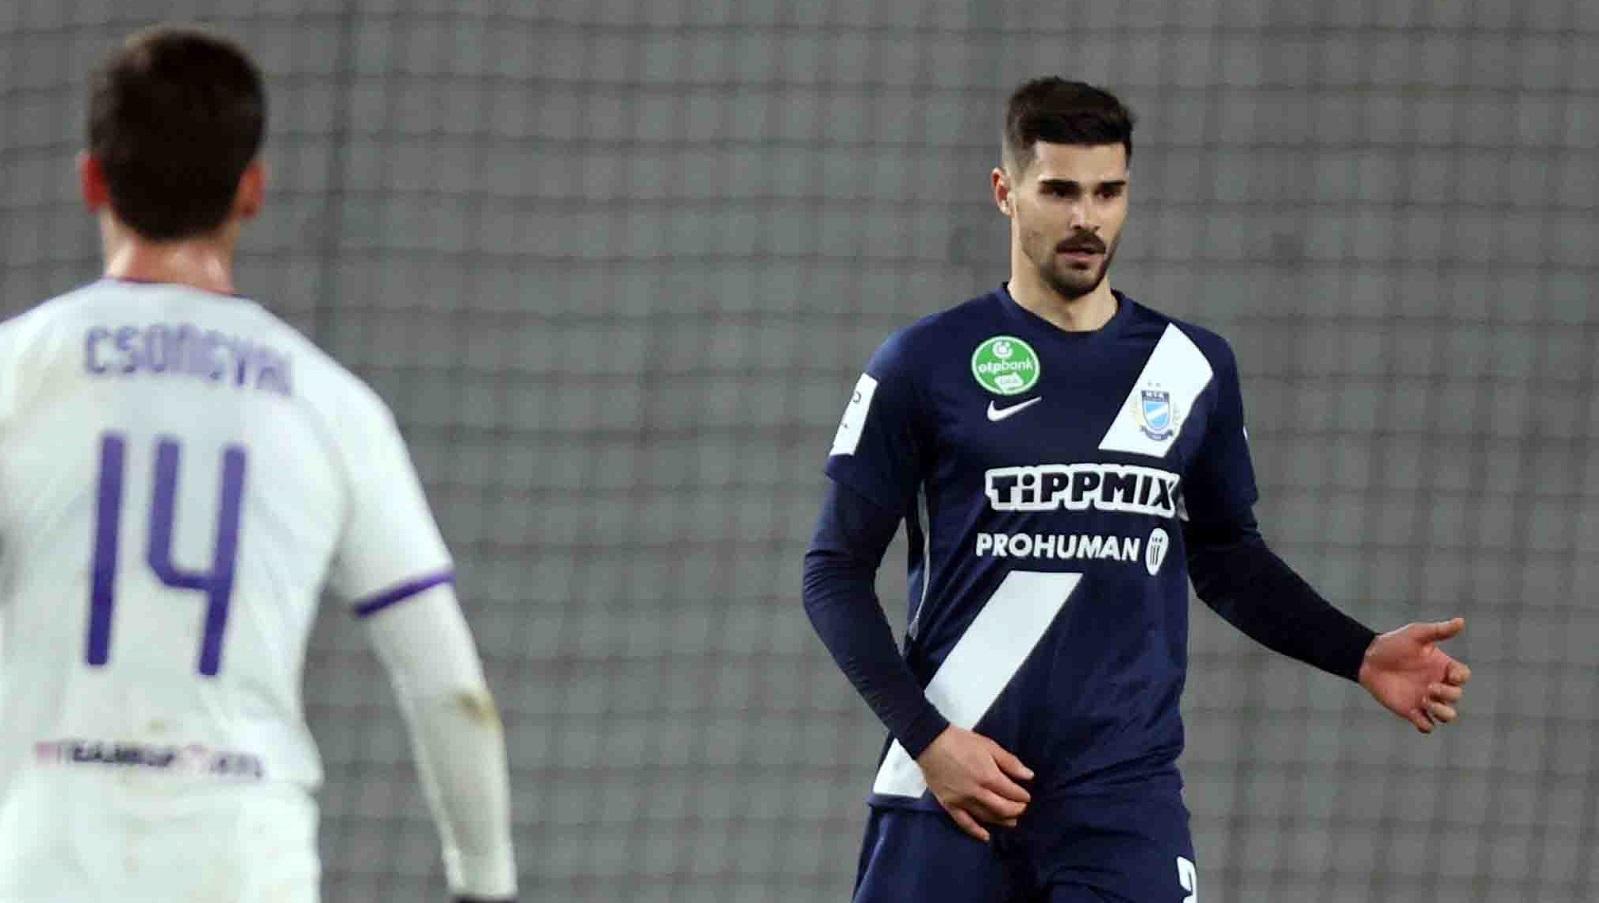 """Perkovic: """"Szeretnék tenni azért, hogy minél kevesebb gólt kapjunk"""" (videó)"""